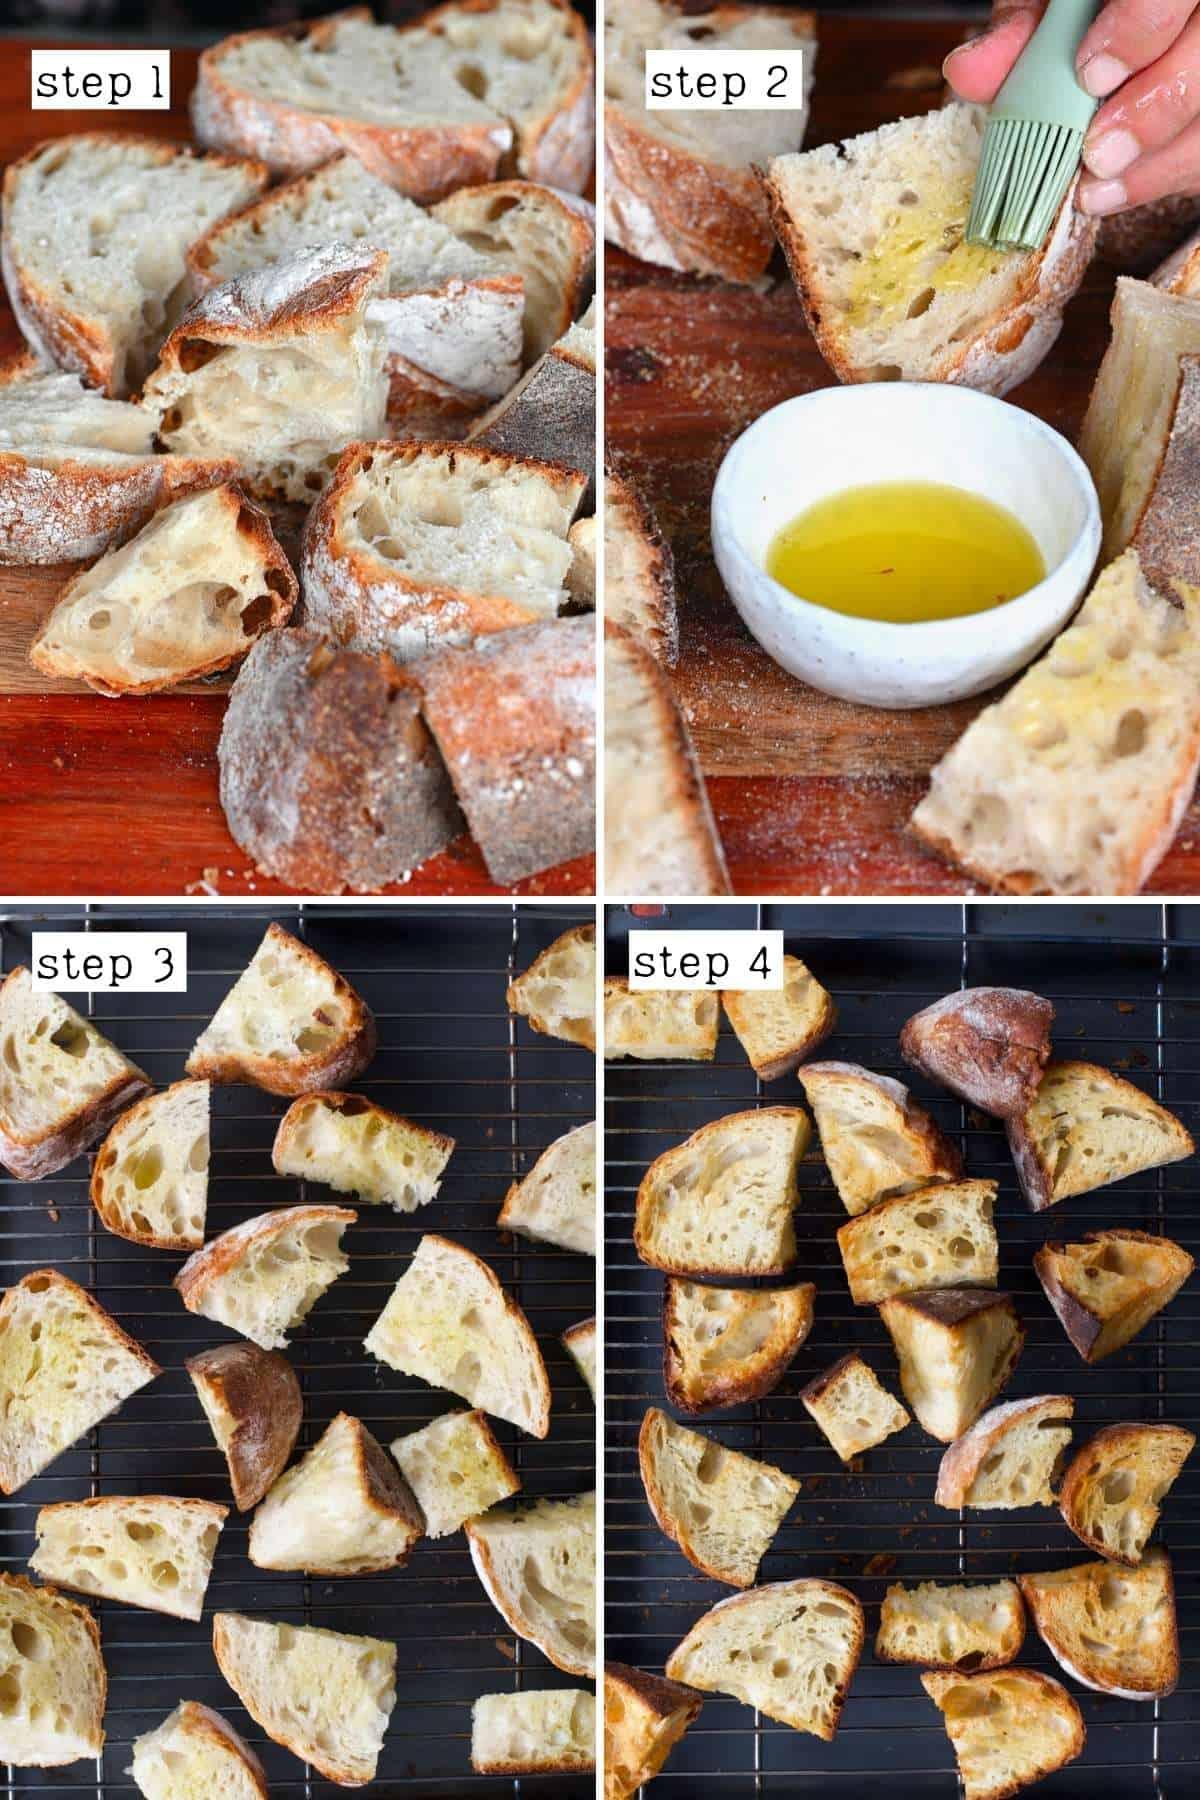 Steps for preparing bread for panzanella